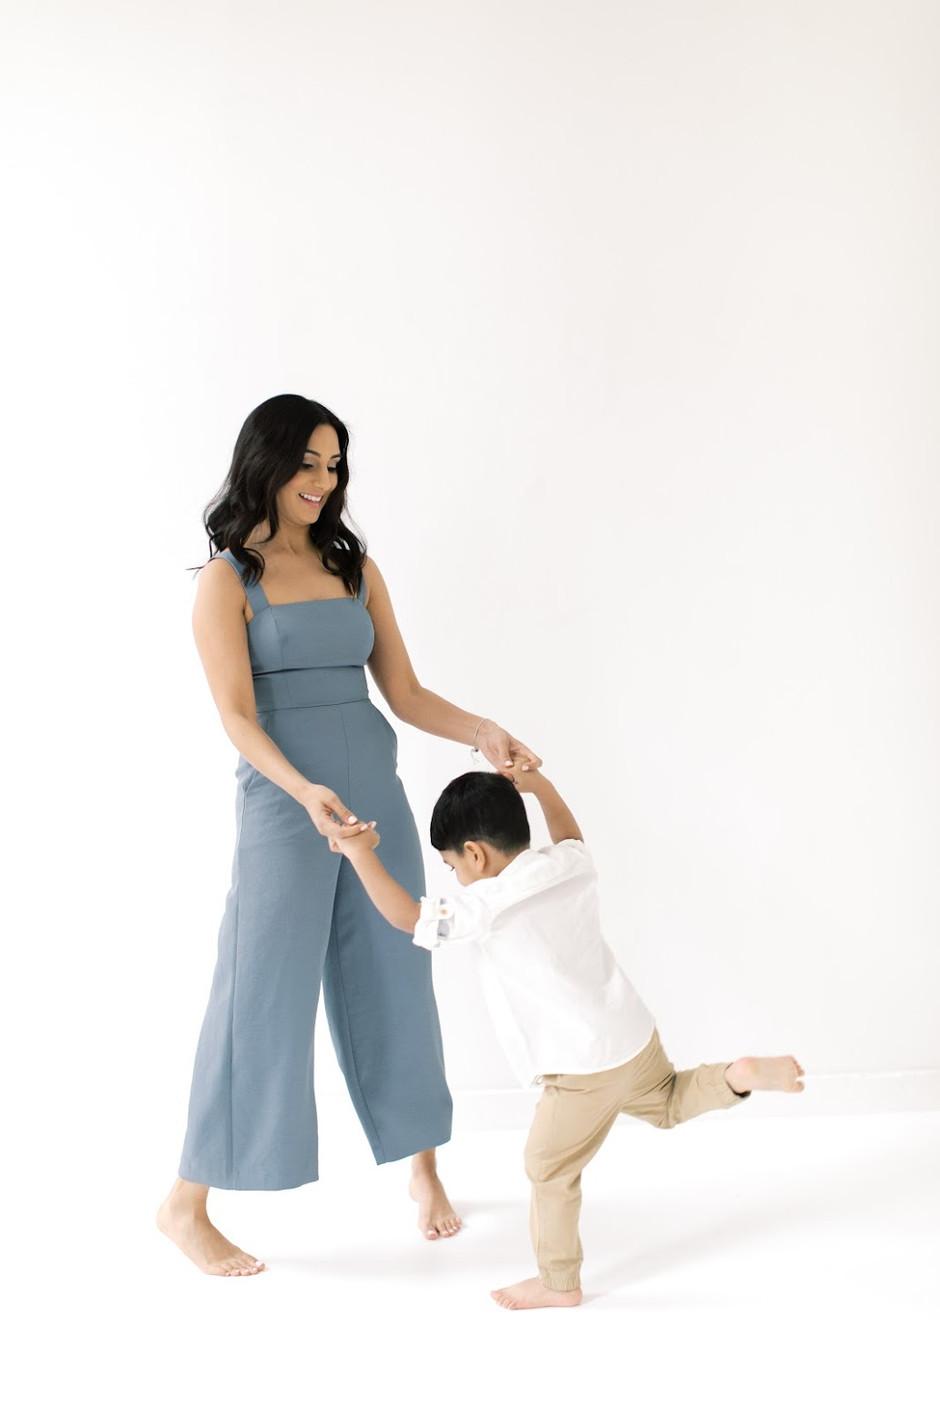 the dance of motherhood.